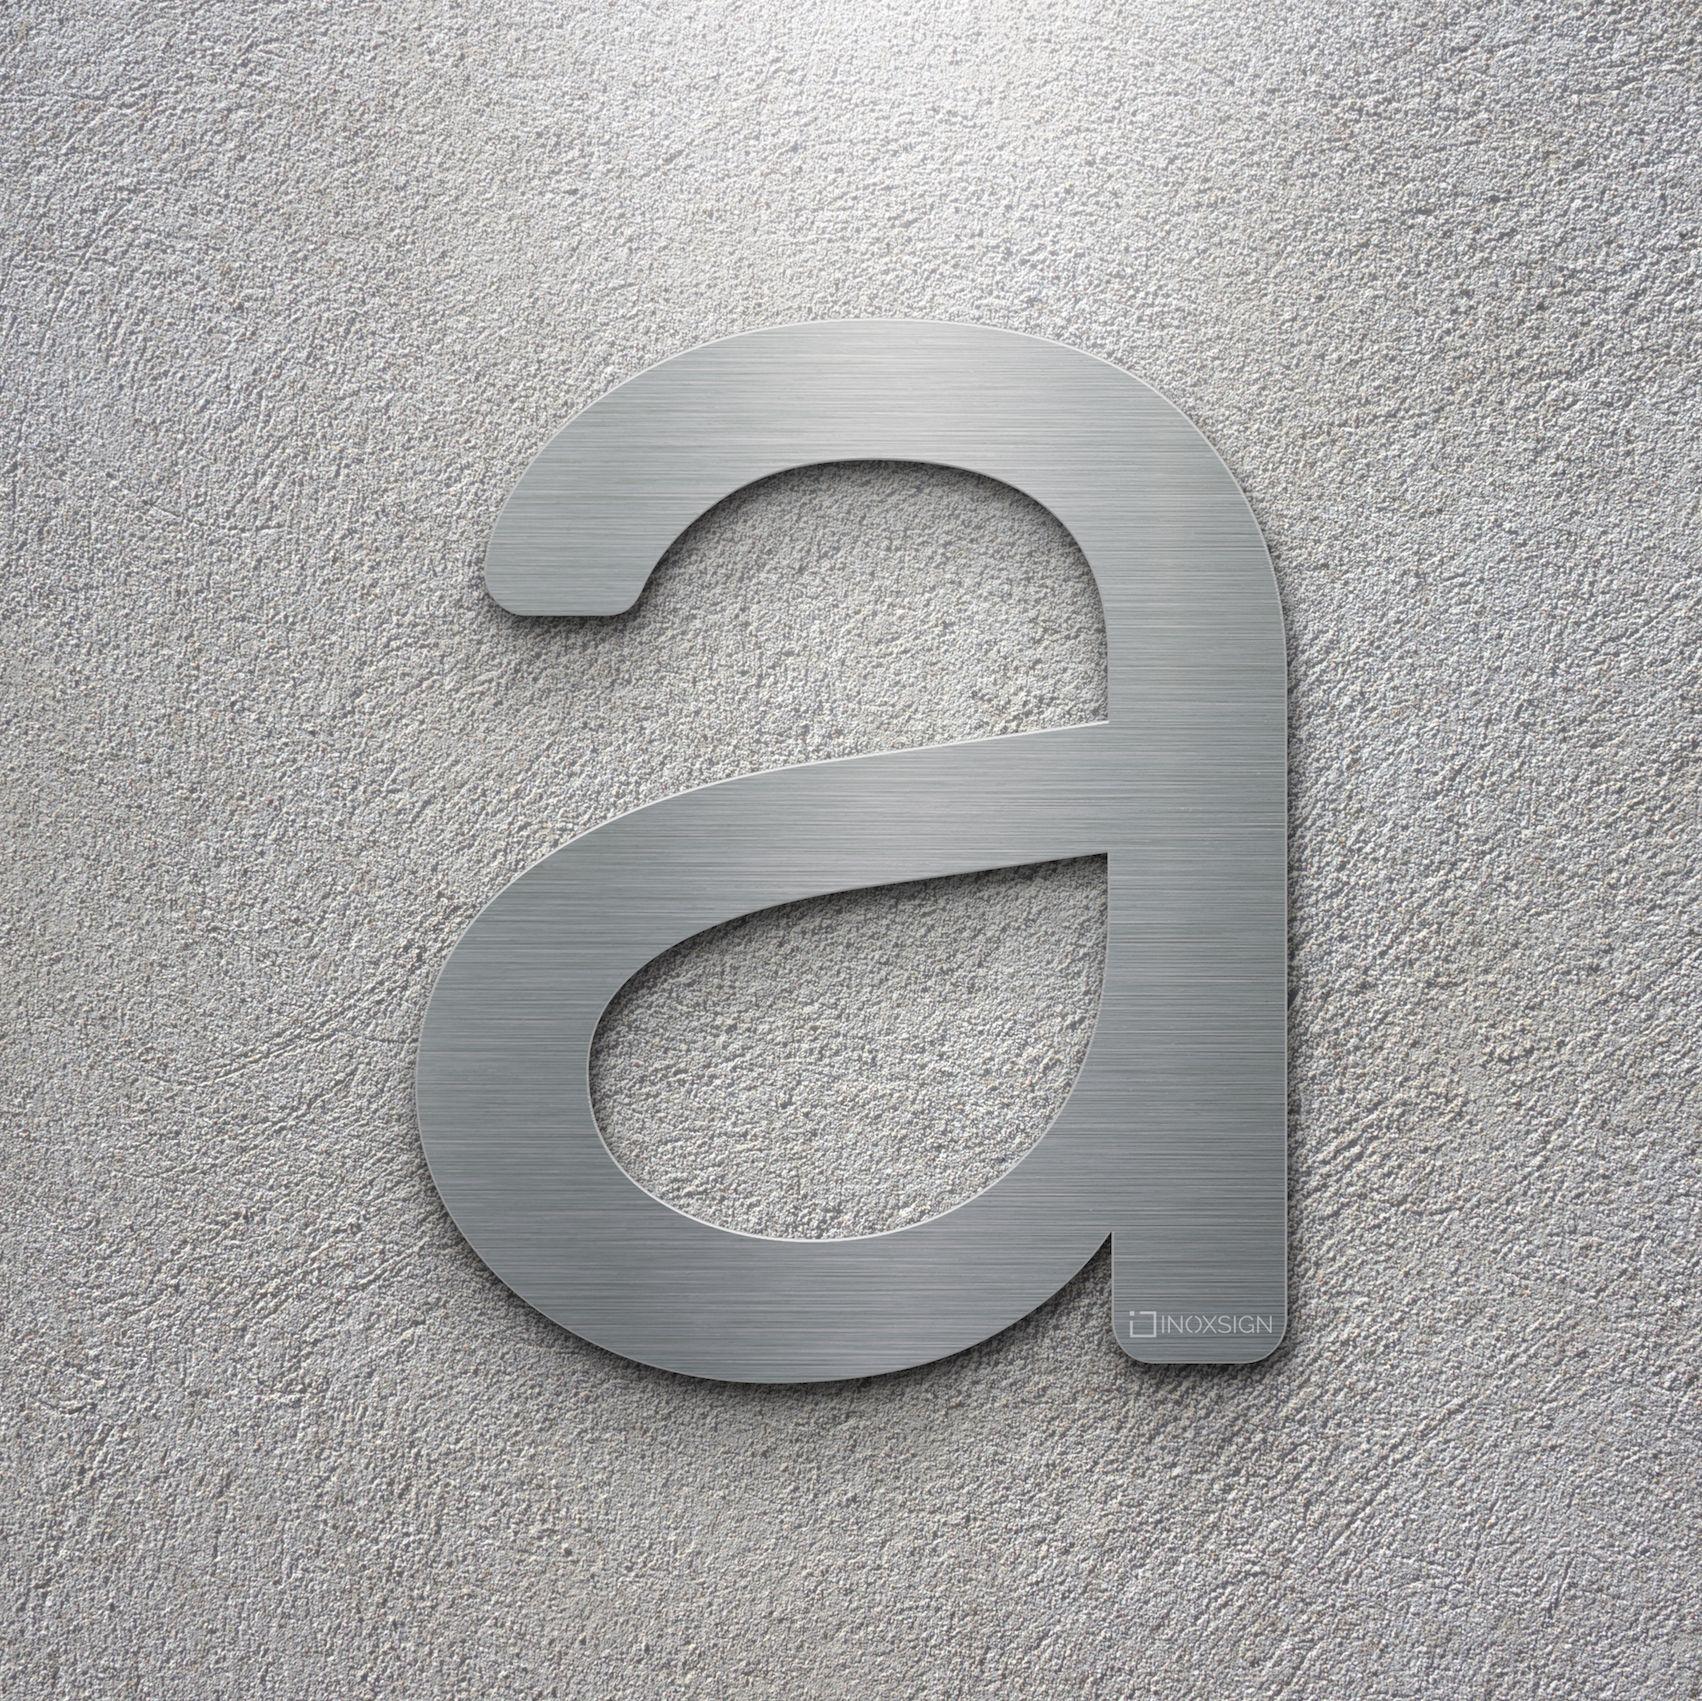 Moderne Hausnummern neu inoxsign edelstahl hausnummer a moderne hausnummern aus